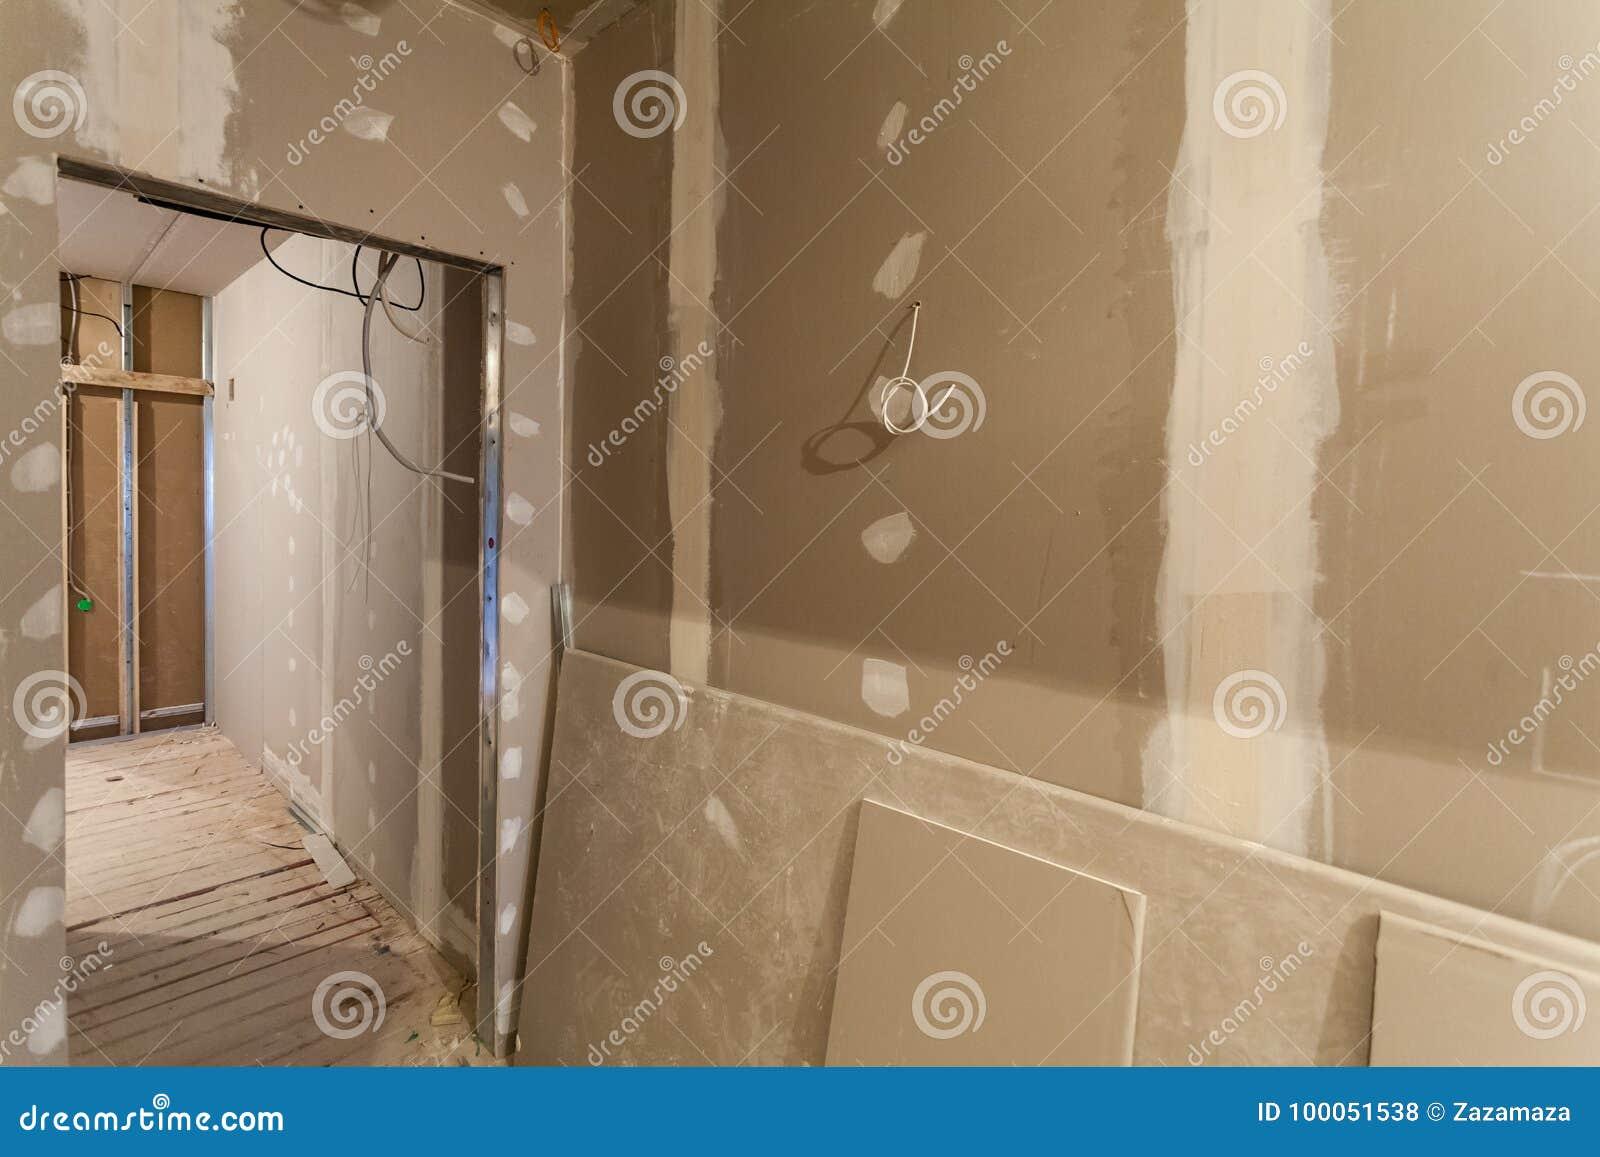 Материал для ремонтов в квартире под конструкцией, remodeling, отстраивать и реновацией